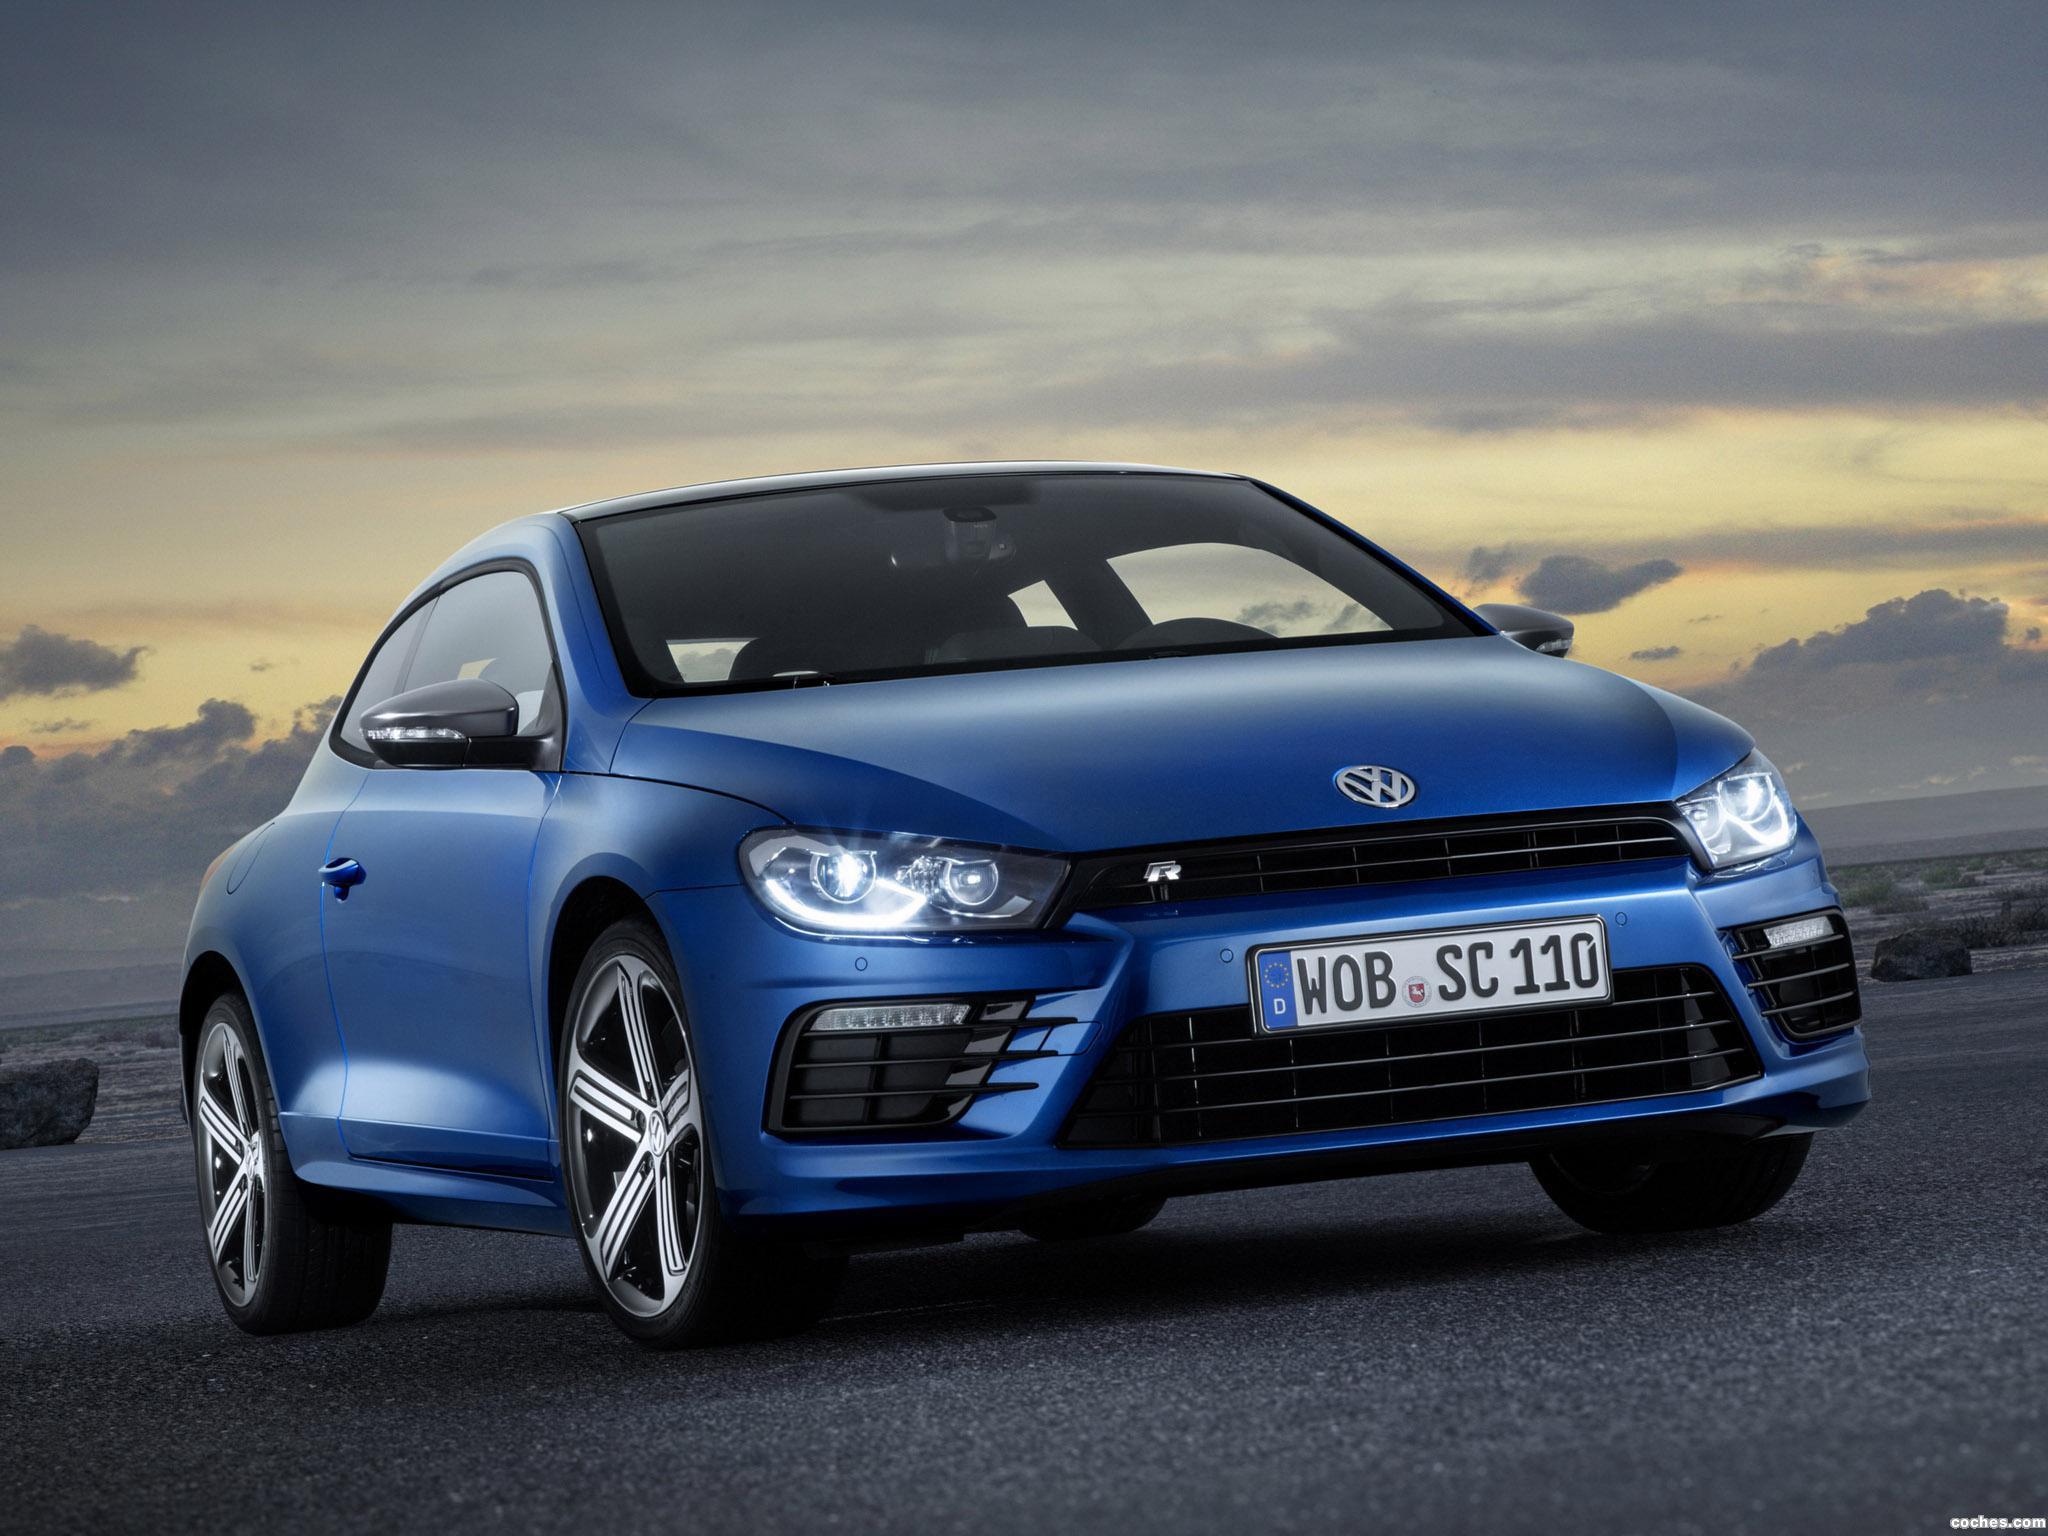 Foto 0 de Volkswagen Scirocco R 2014